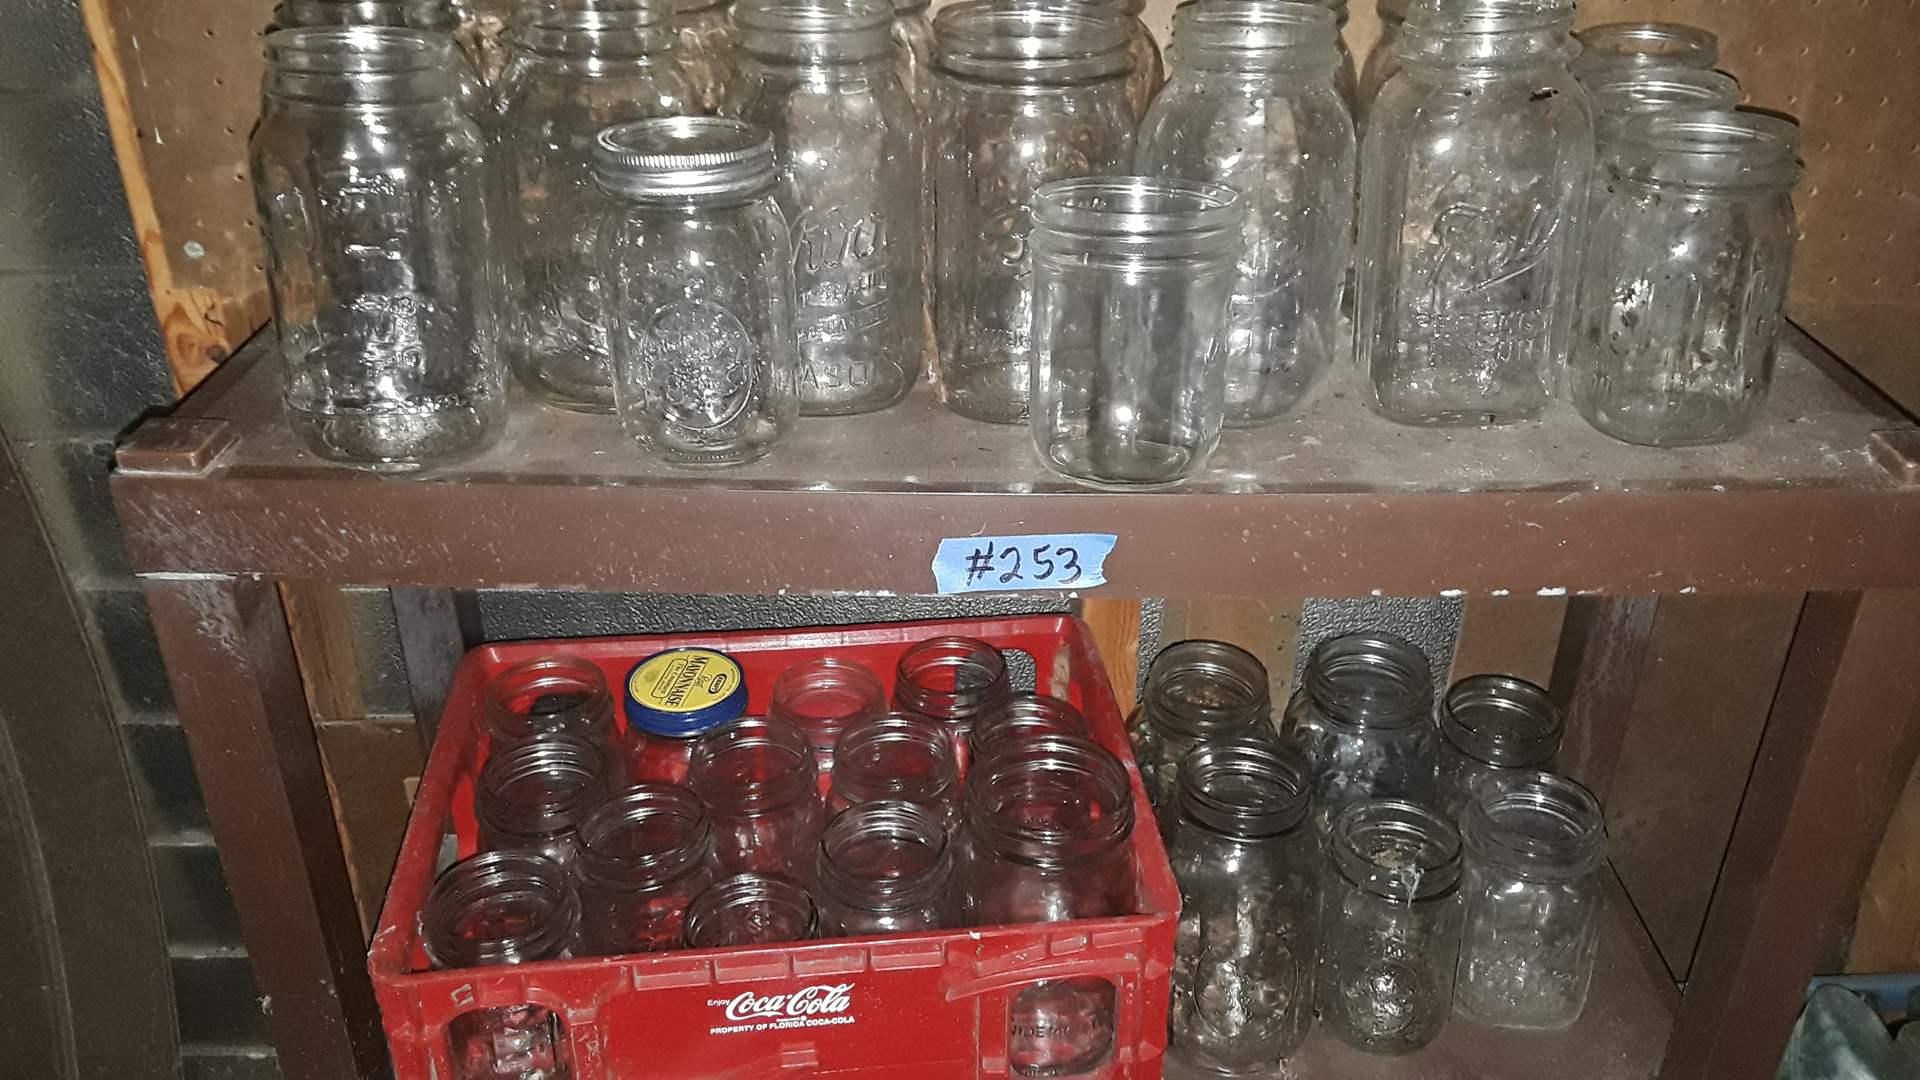 Lot # 253 MIXED MASON JARS, NO LIDS AND PLASTIC COCA COLA CRATE